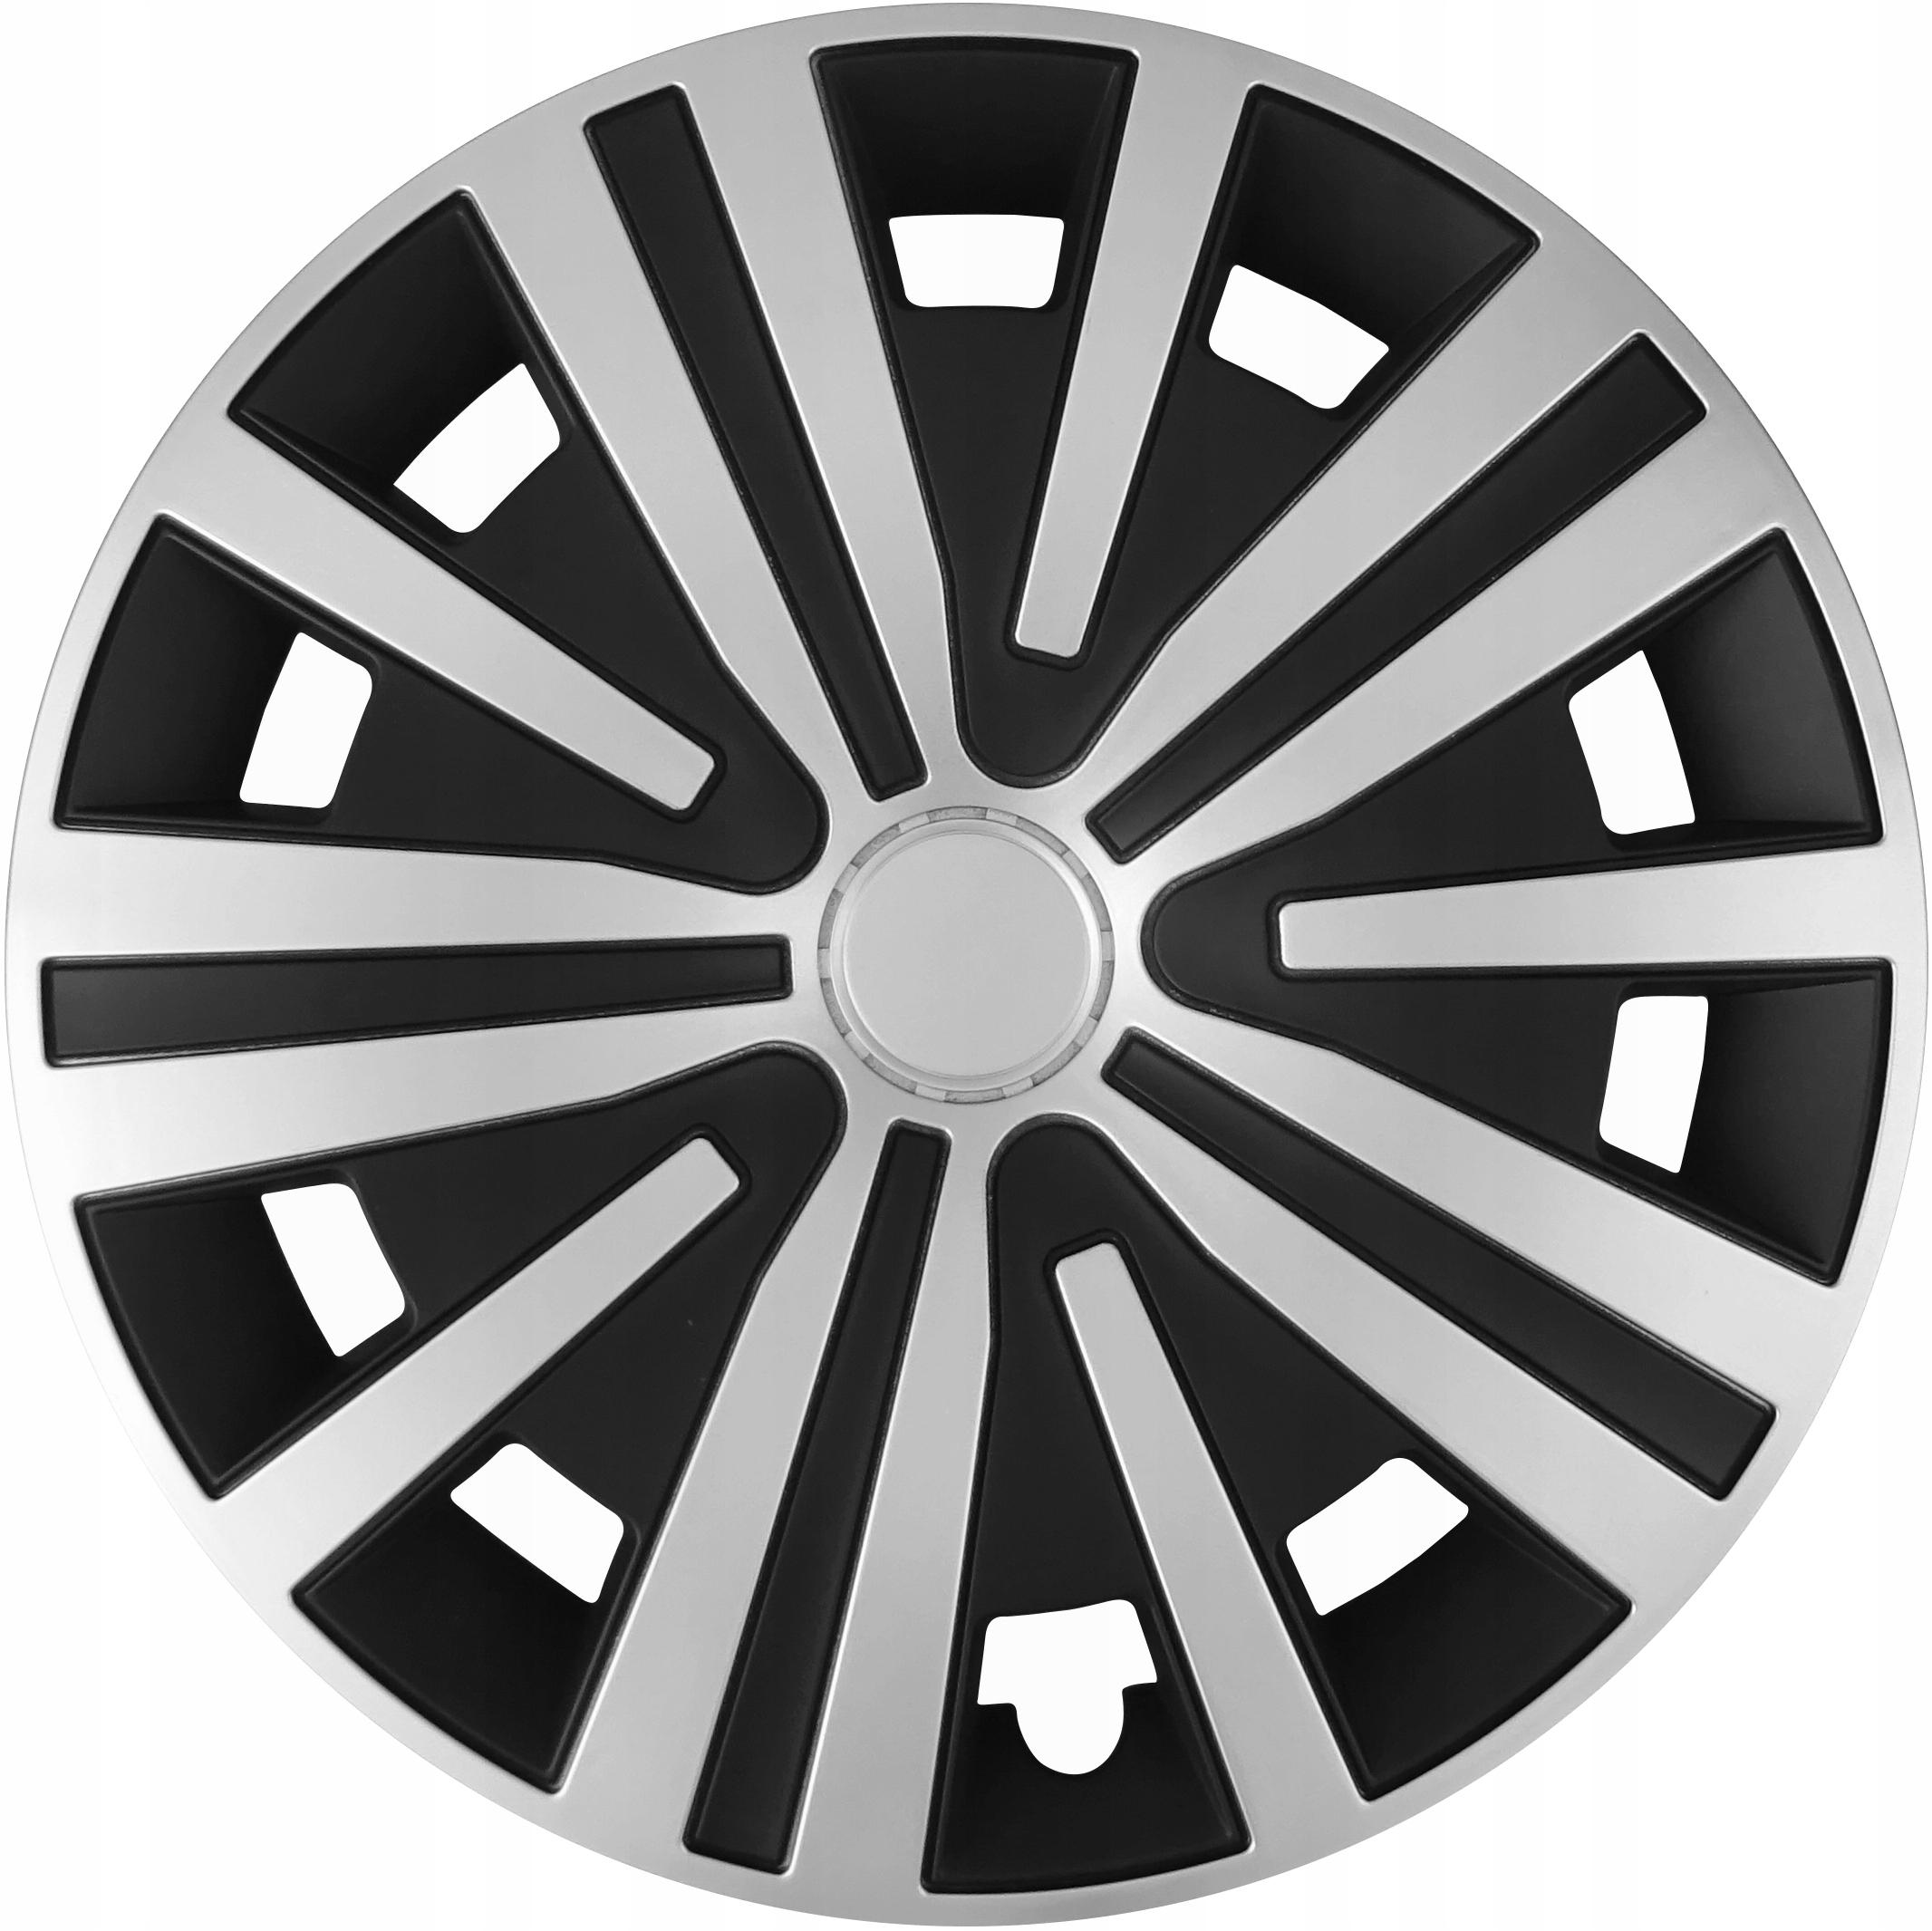 Крышки 15 дюймов № 16 для VW OPEL FORD SKODA 14 16